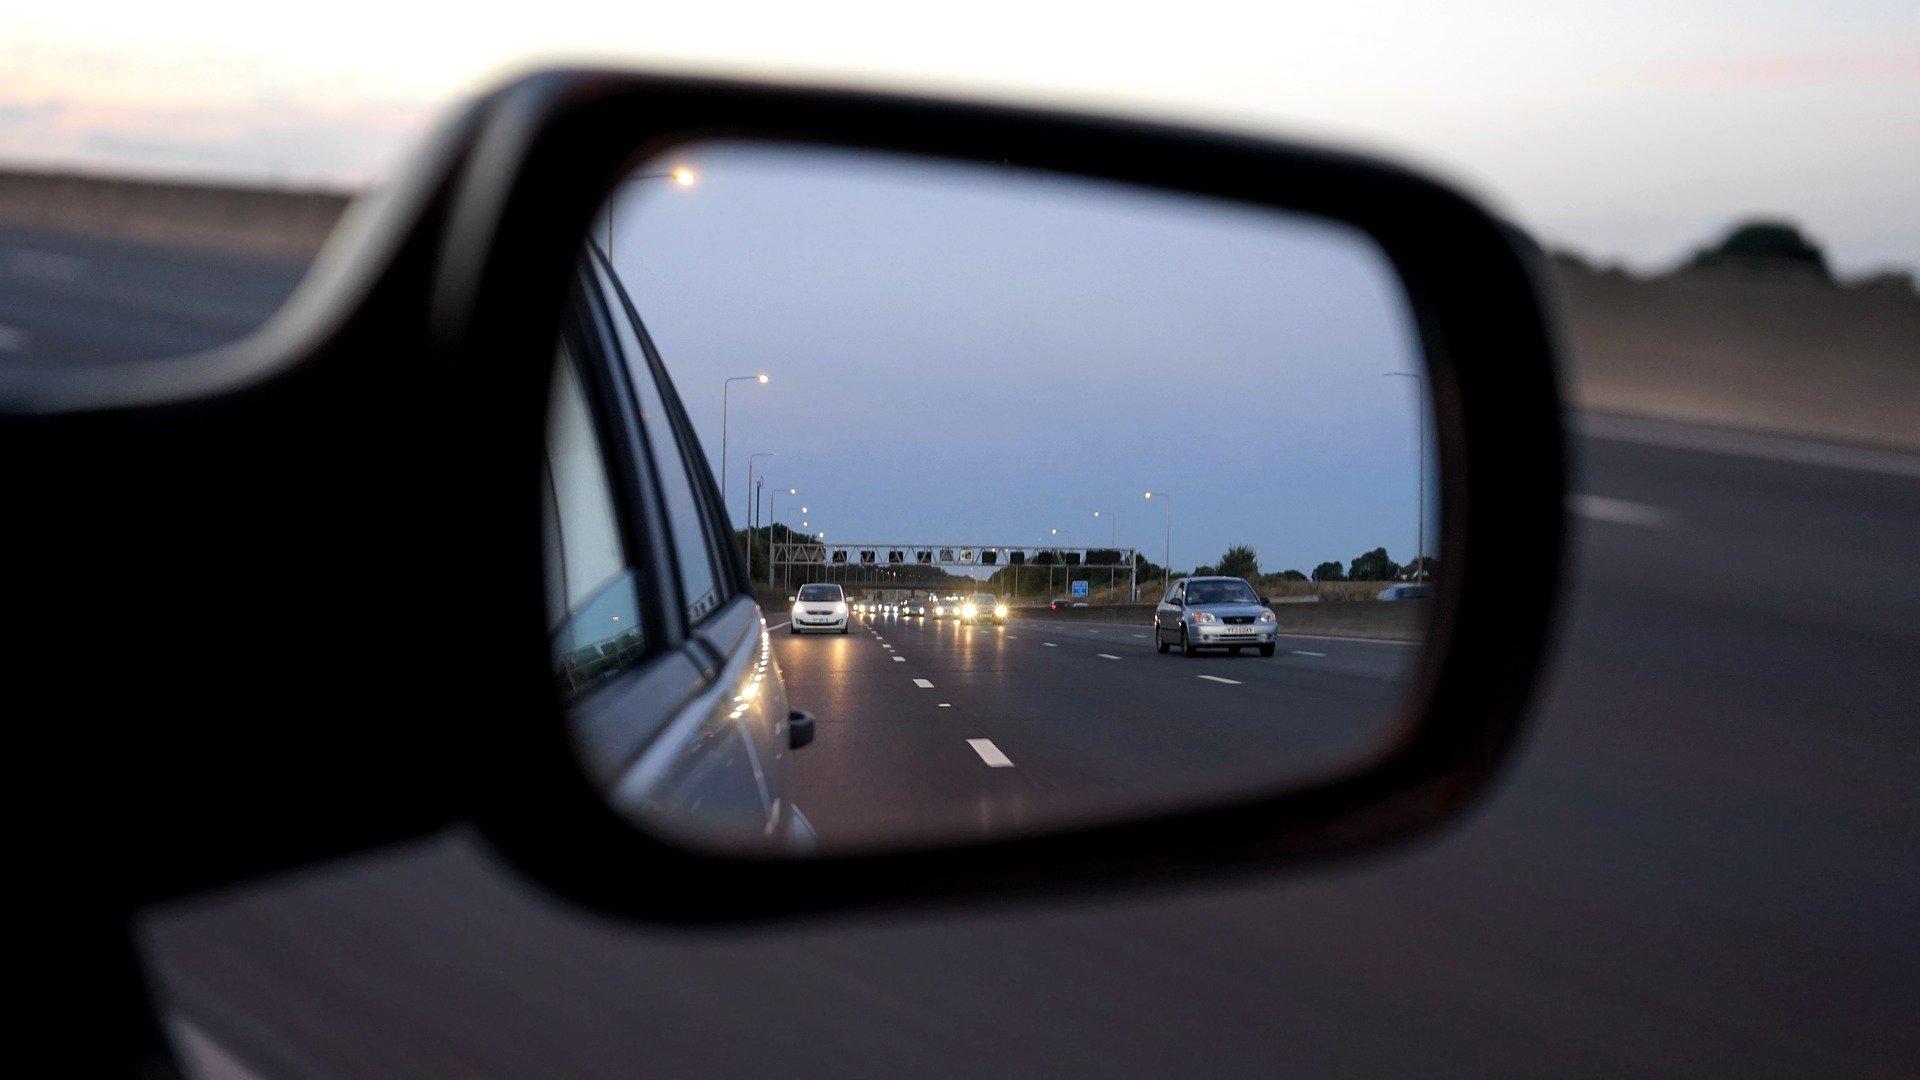 Zmiany w przepisach drogowych. Już od jutra! - Zdjęcie główne